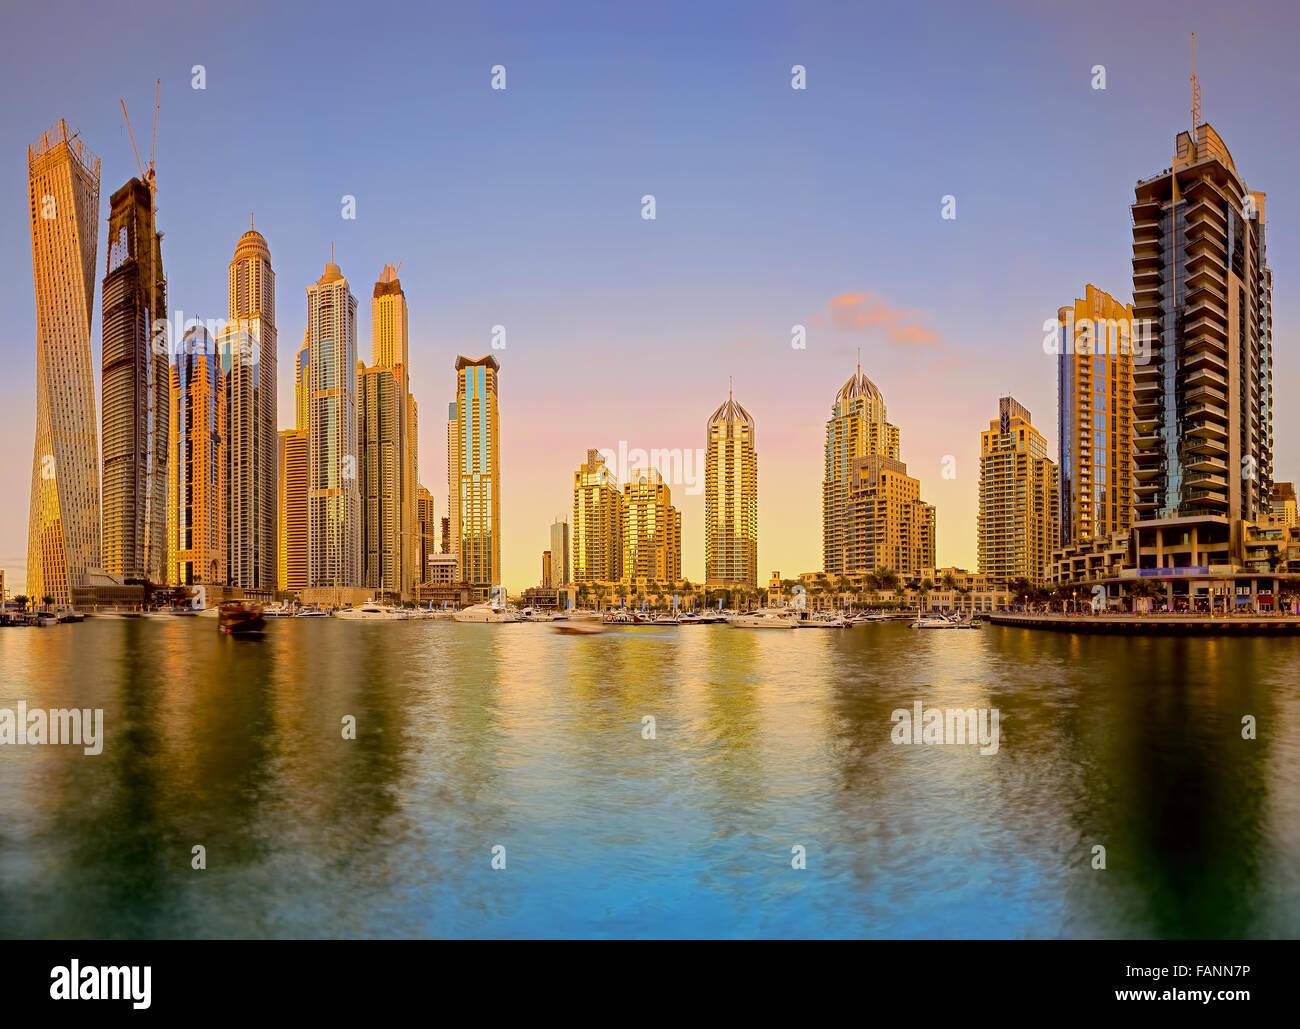 Skyline tramonto foto scattata a Dubai Marina Immagini Stock